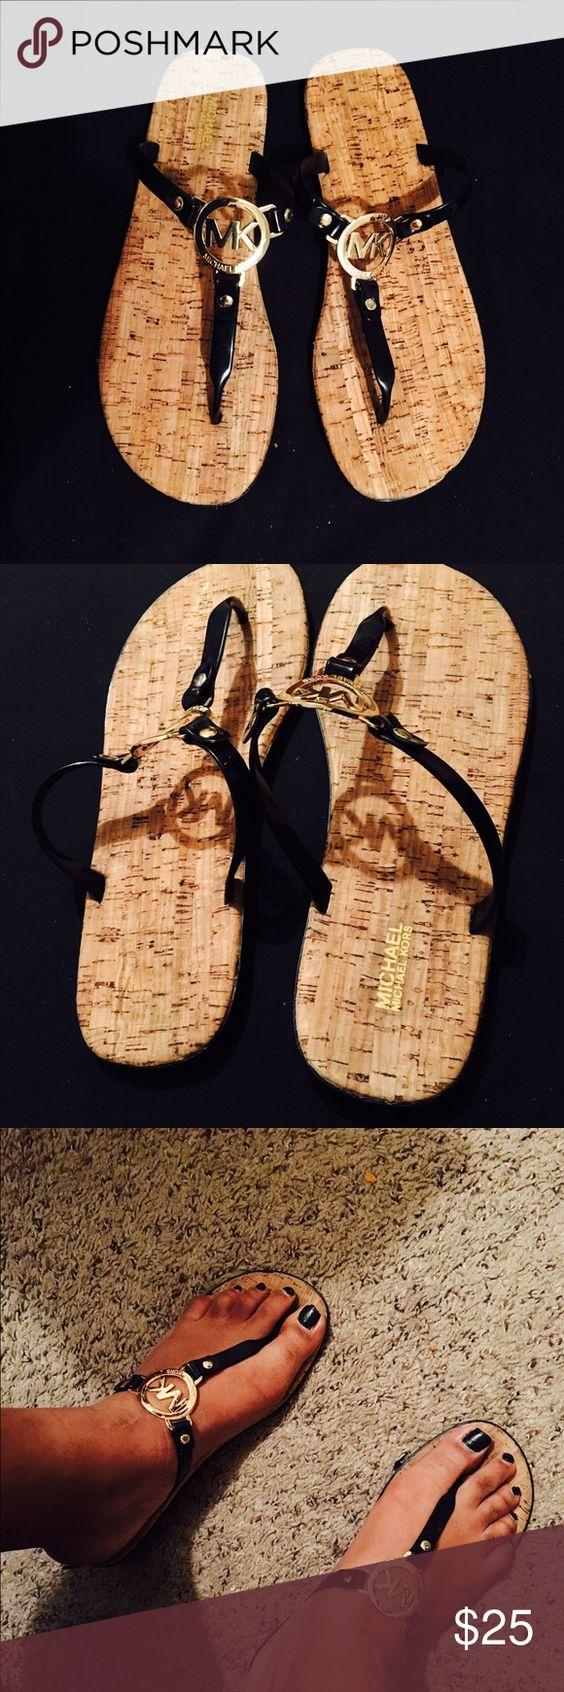 Black mk sandals - Black Mk Sandals 39